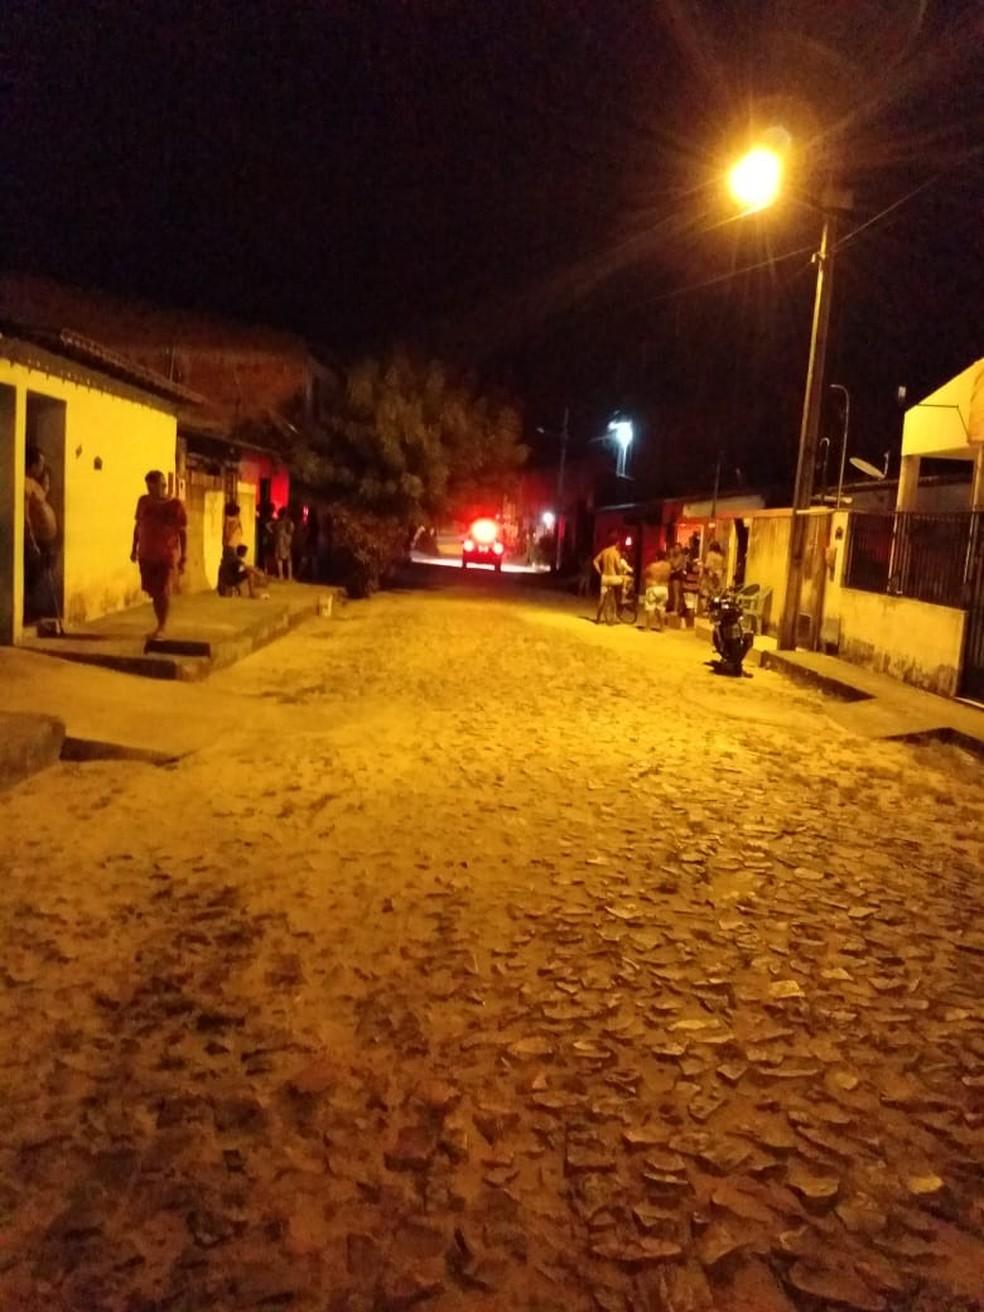 Todos estavam reunidos em frente a uma residência na Rua Raimundo Edilson Leandro, no Bairro Nova Esperança, em Paracuru. — Foto: Reprodução